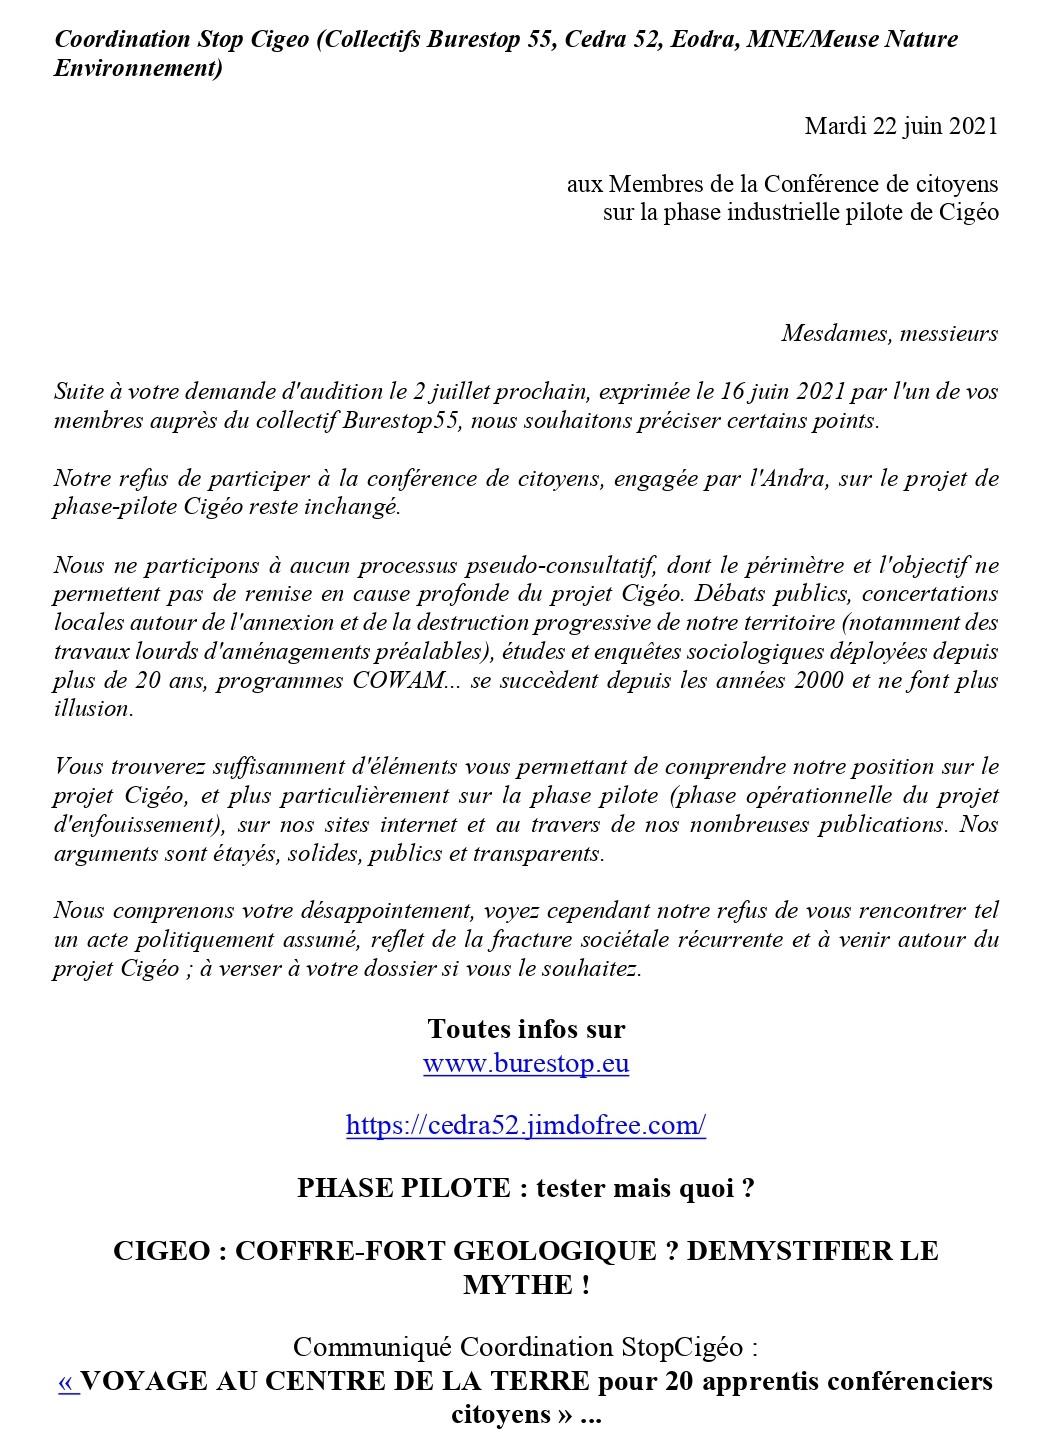 Communiqué Stop Cigéo : Conférence citioyenne en cours, pourquoi nous n'y participons pas